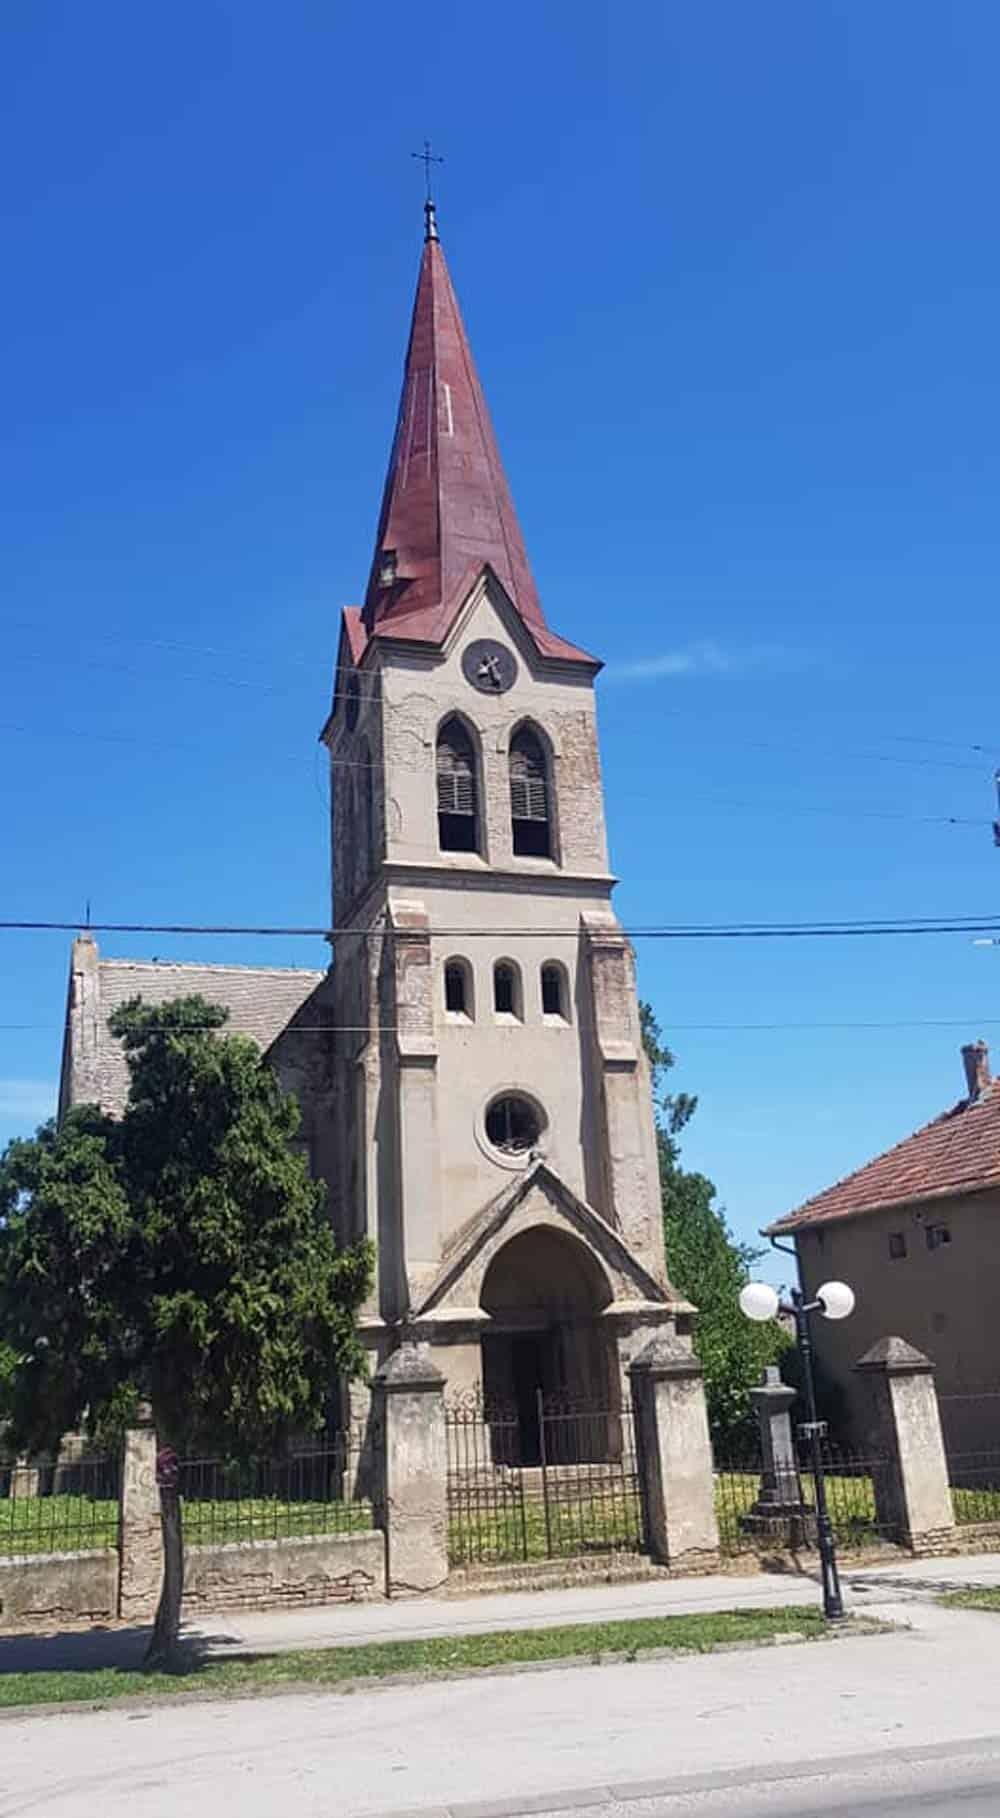 120 godina stara: Neogotička crkva u Putincima